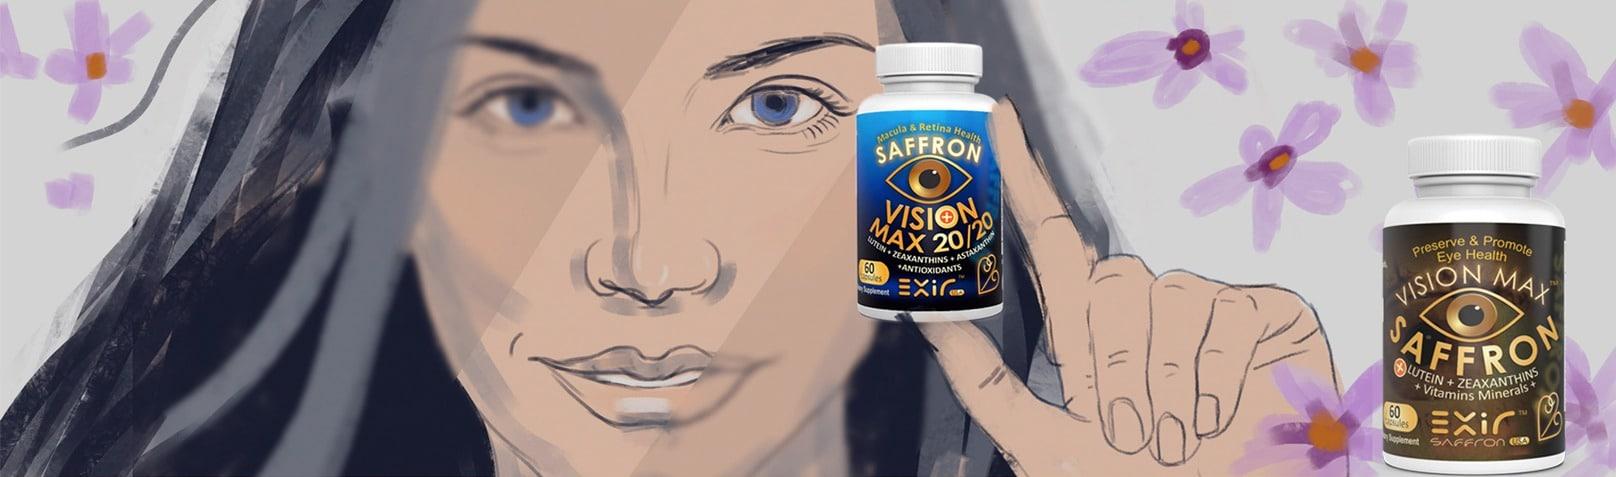 Saffron 1 Product